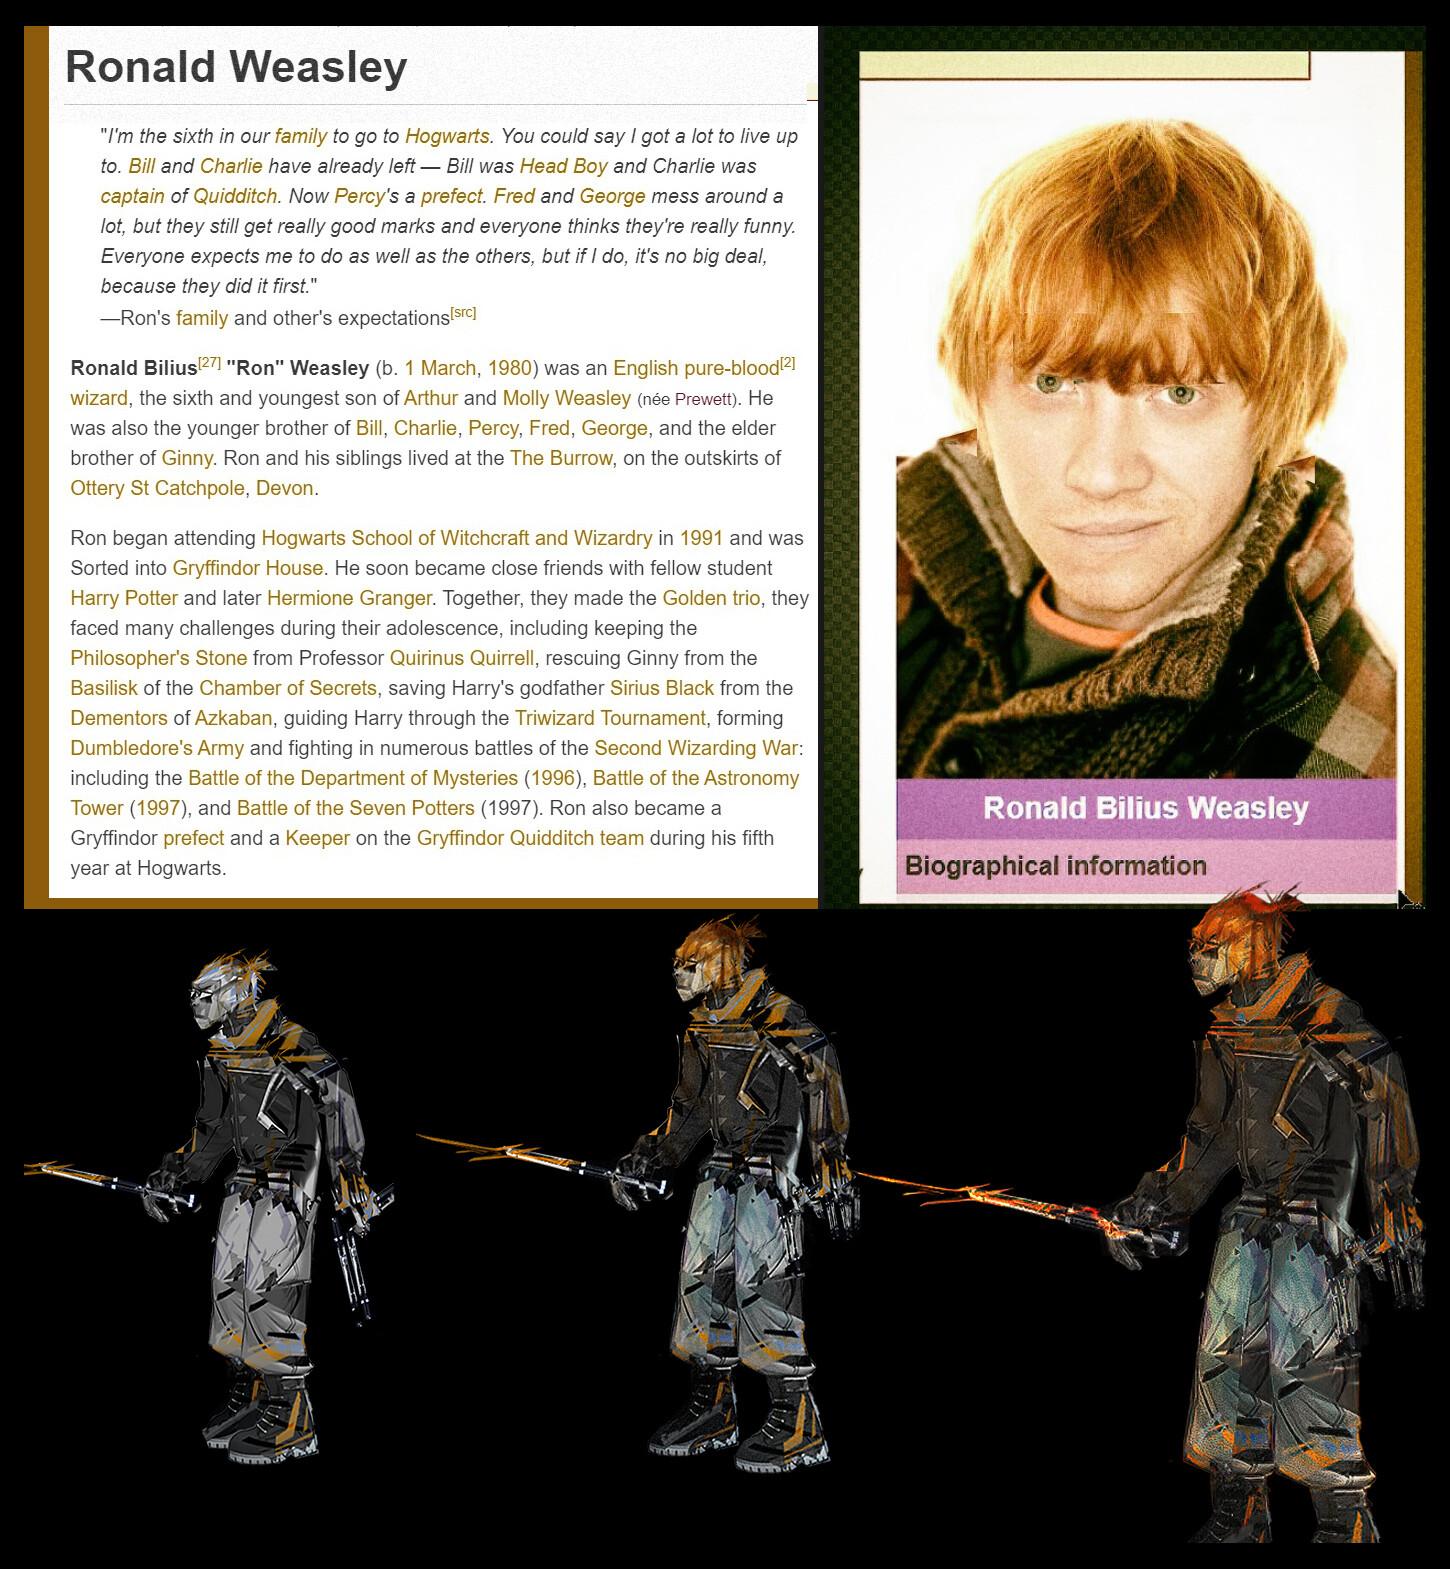 https://harrypotter.fandom.com/wiki/Ronald_Weasley